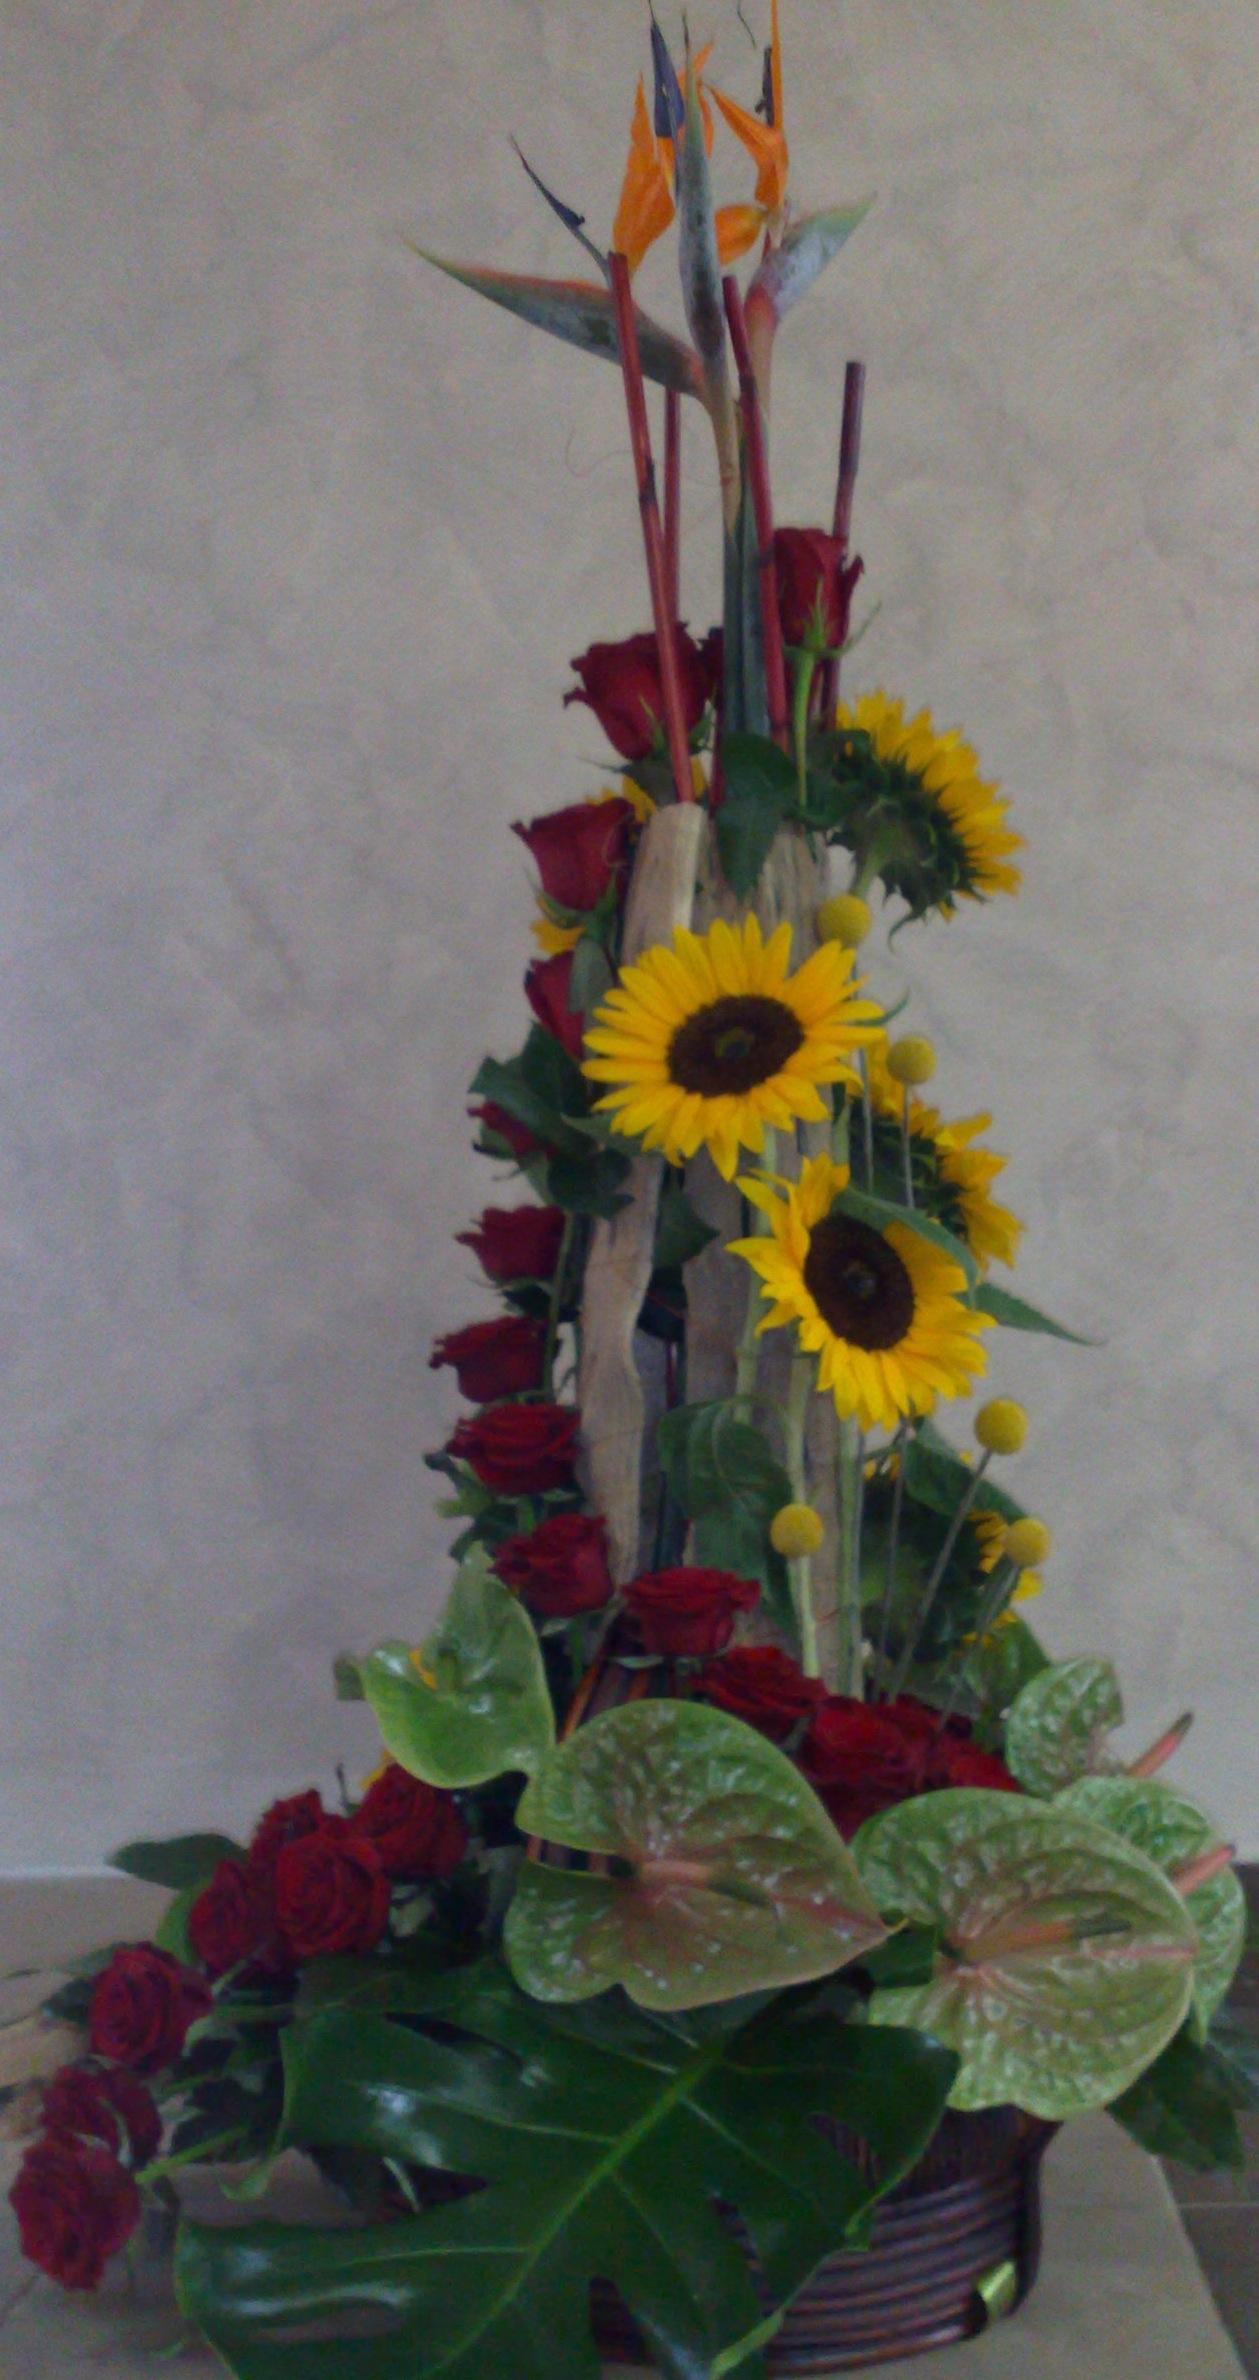 Cvetni aranžman strelicija, crvena ruža, anturijum i suncokret